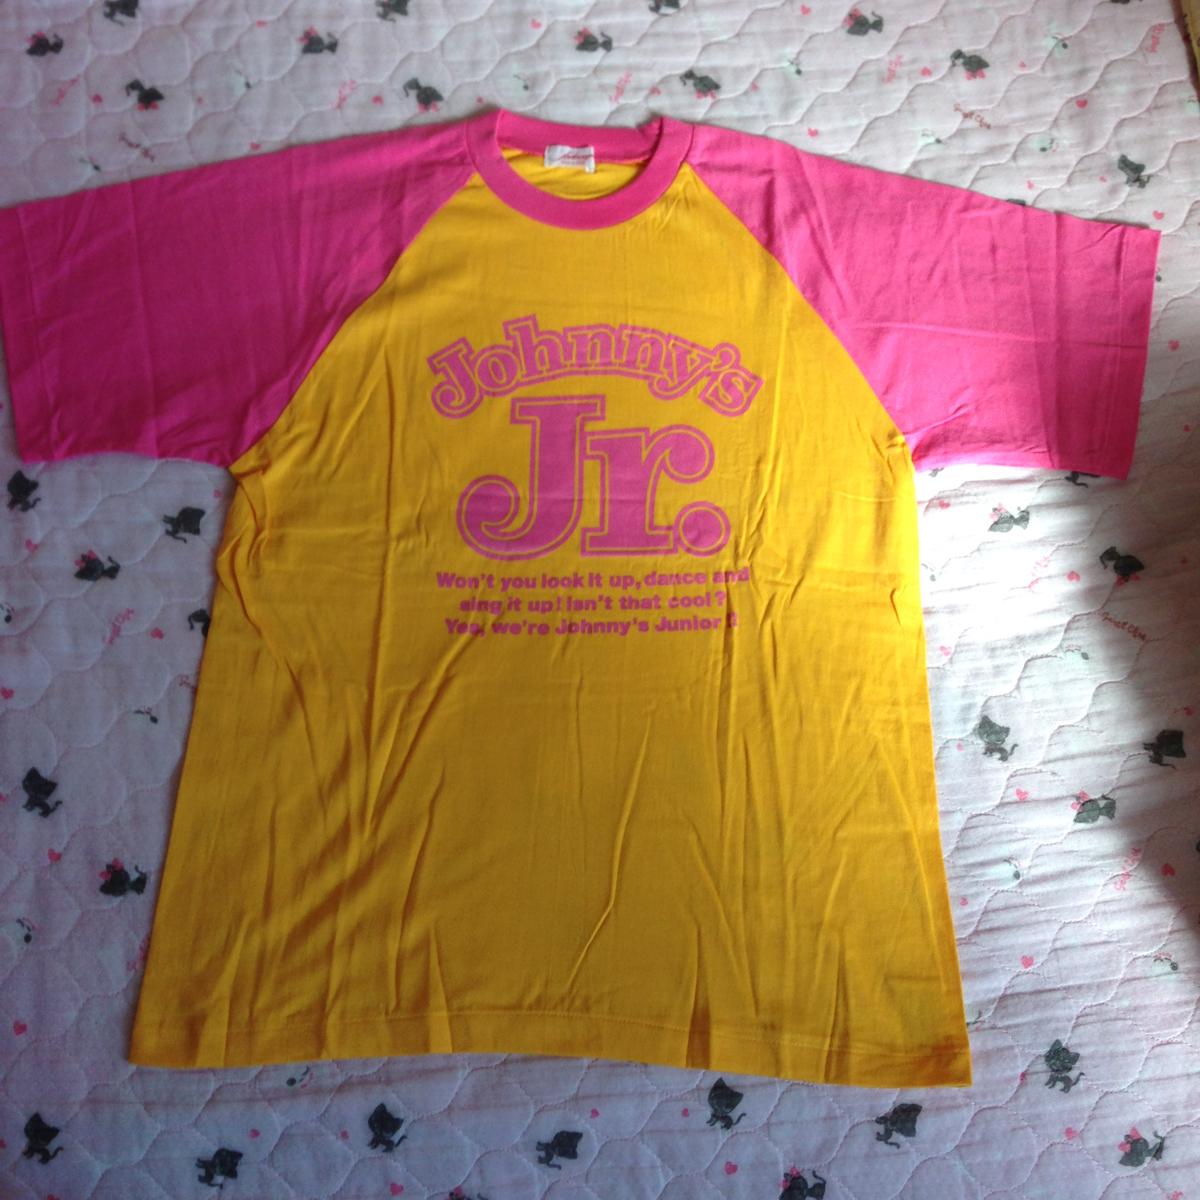 ジャニーズJr.Tシャツ 山吹色×ピンク サイズフリー